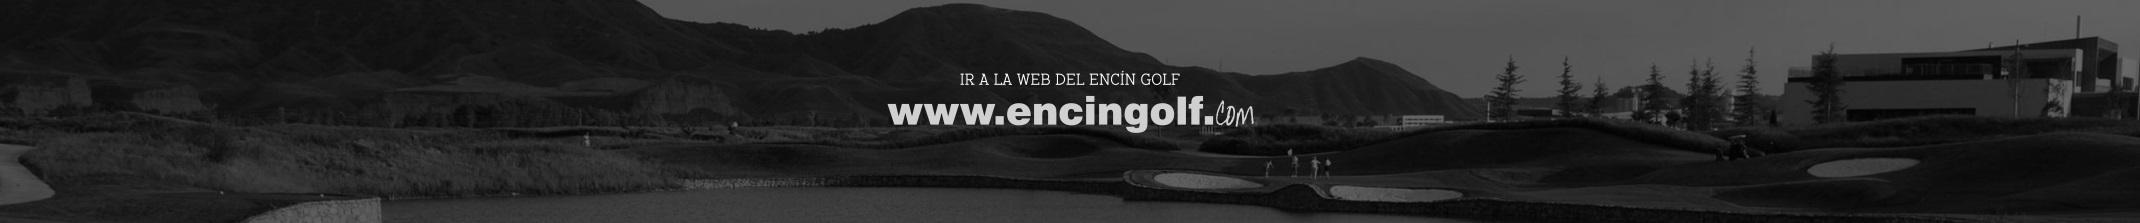 Web Encin Golf Sabores Mas que Golf 2